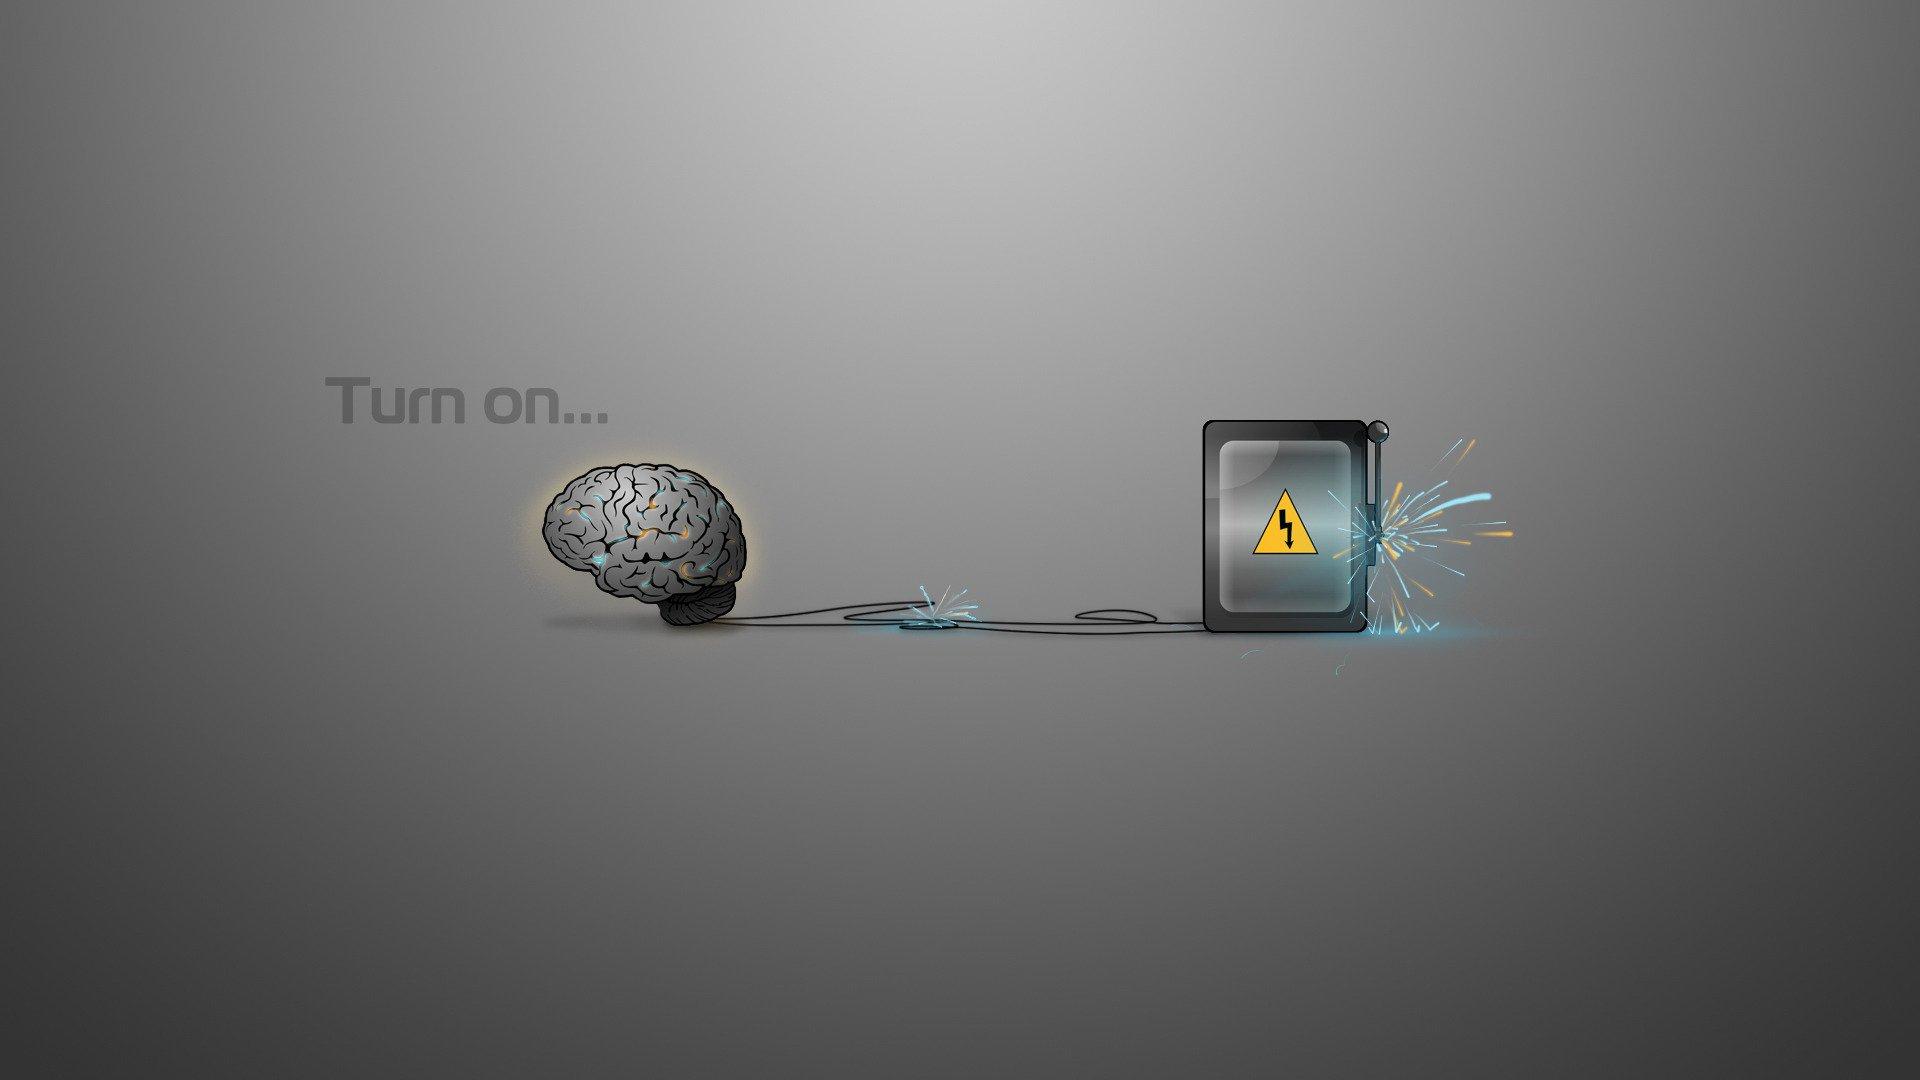 Думай мозгами анонимно